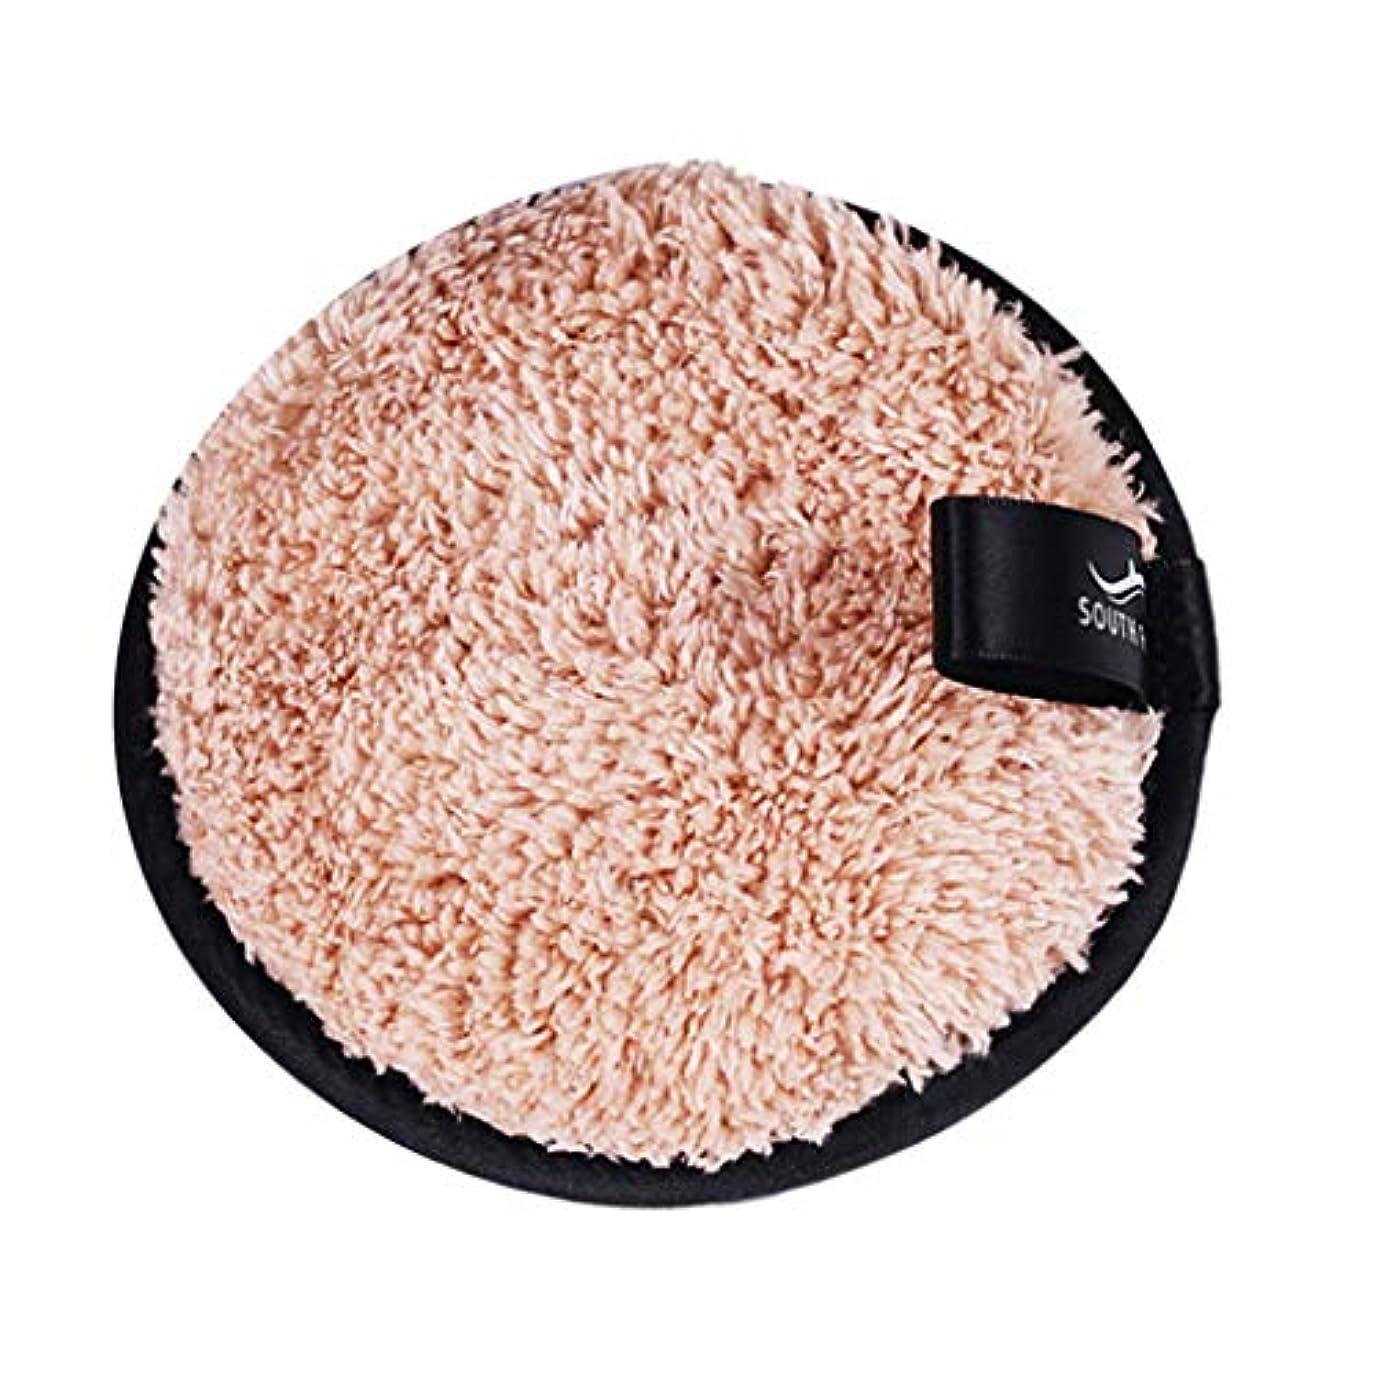 ポルノ申し込むバン全3色 メイクリムーバー スポンジ パッド クレンジングパフ 洗顔 スキンケア - 褐色